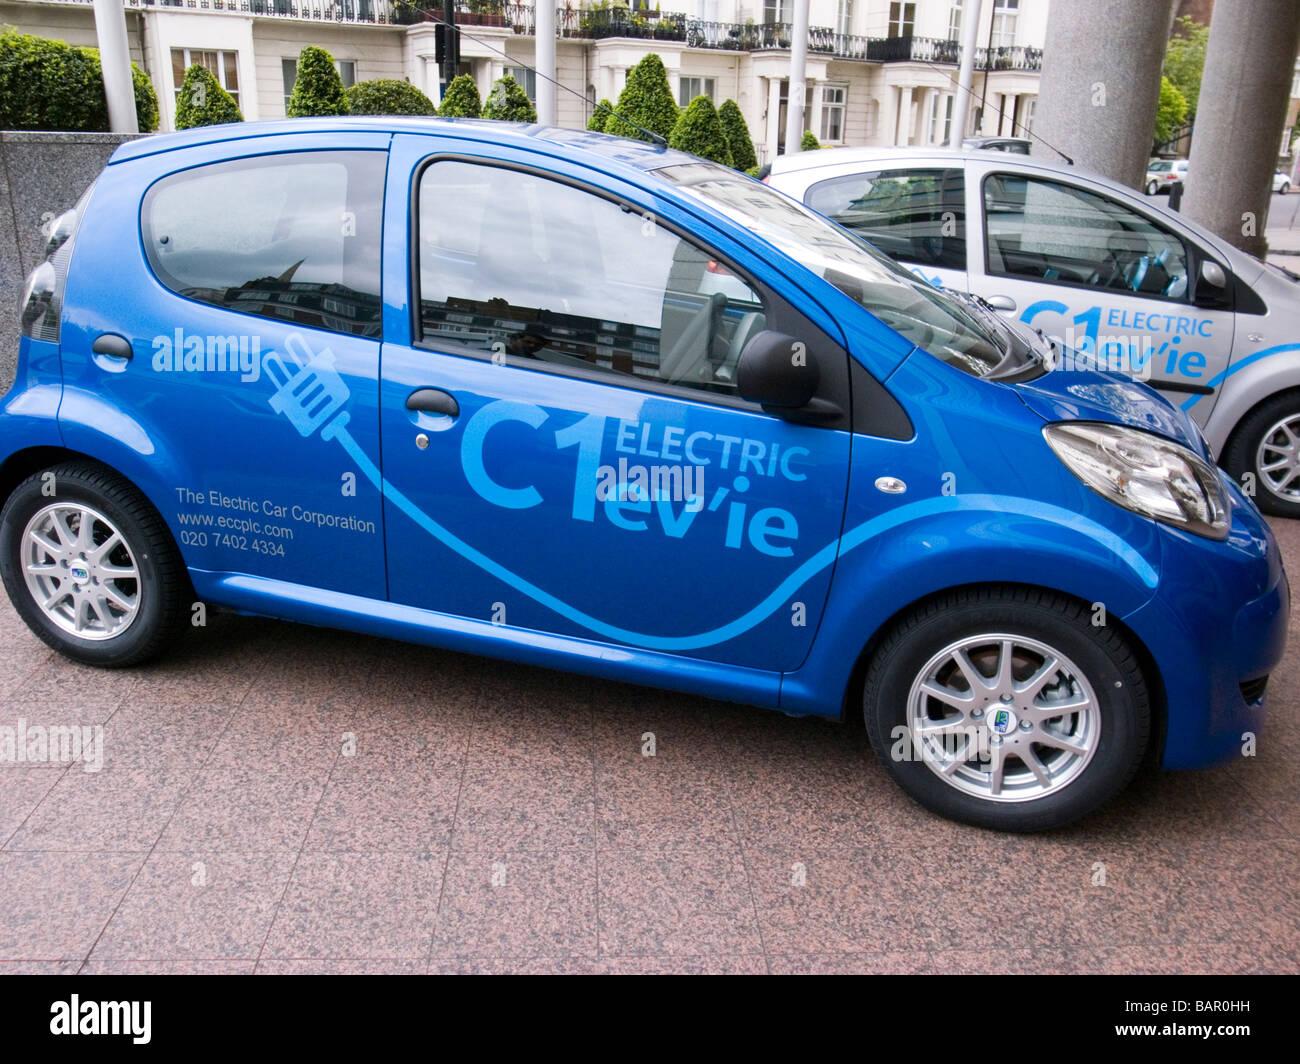 C1 ev'ie coche eléctrico basado en el Citroën C1 desde el coche eléctrico Corporation, lanzado Imagen De Stock